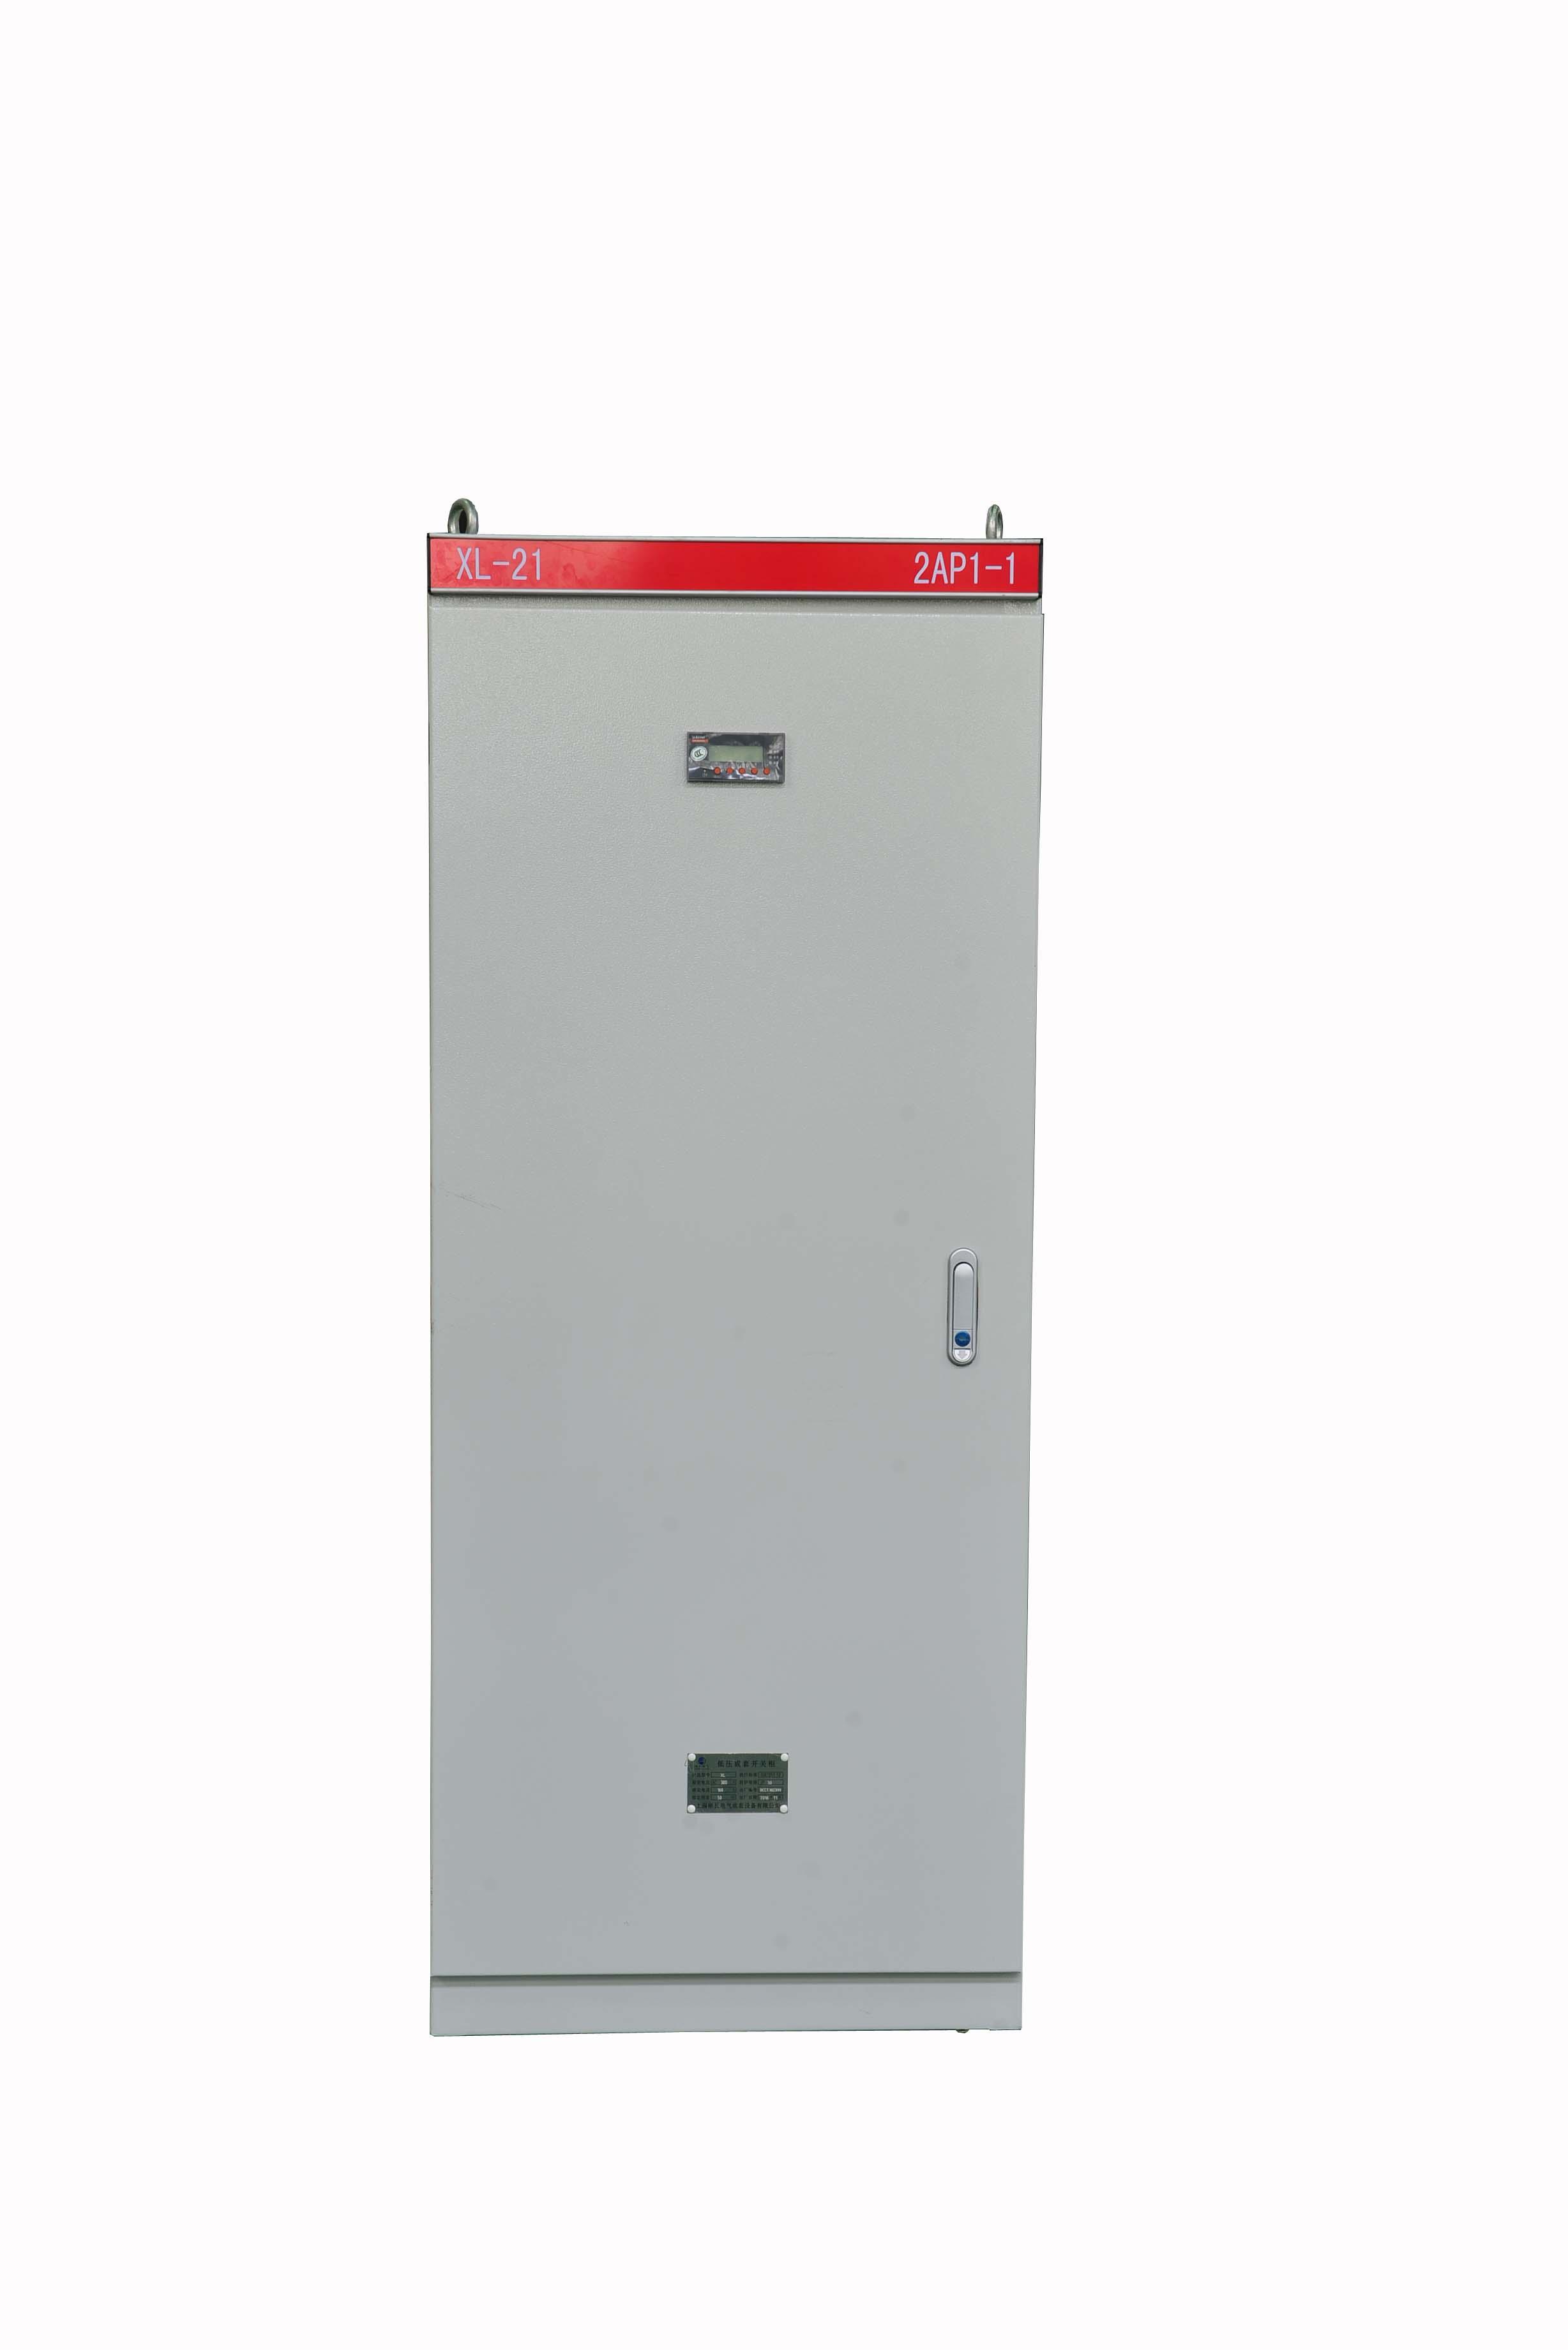 XL-21型低压动力配电柜